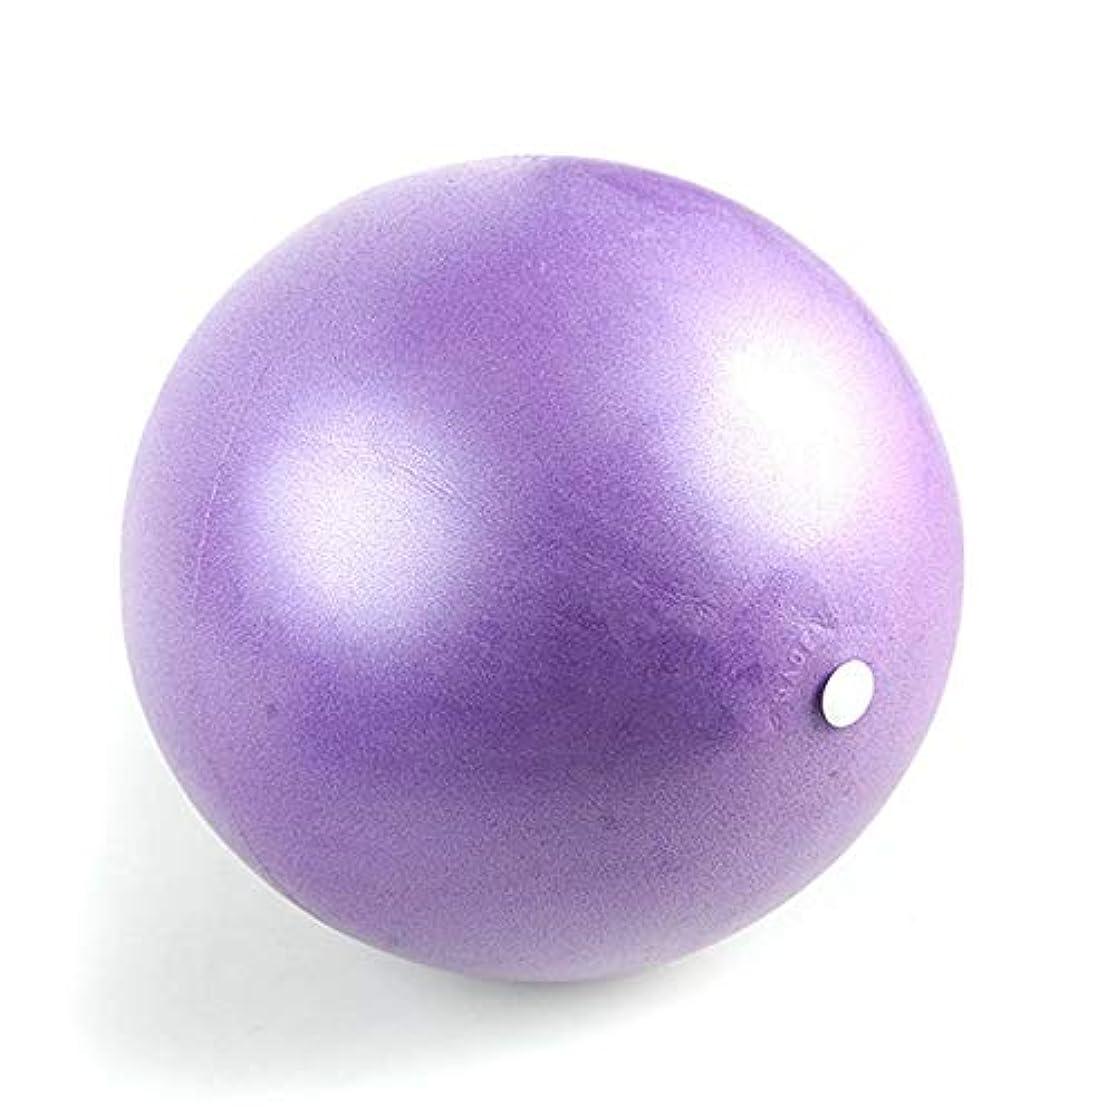 やさしく神話ピアノミニ25センチメートル/ 15センチフィットネス小麦チューブバランス肥厚マットピラティスヨガボール滑り止め摩耗防爆(Color:purple)